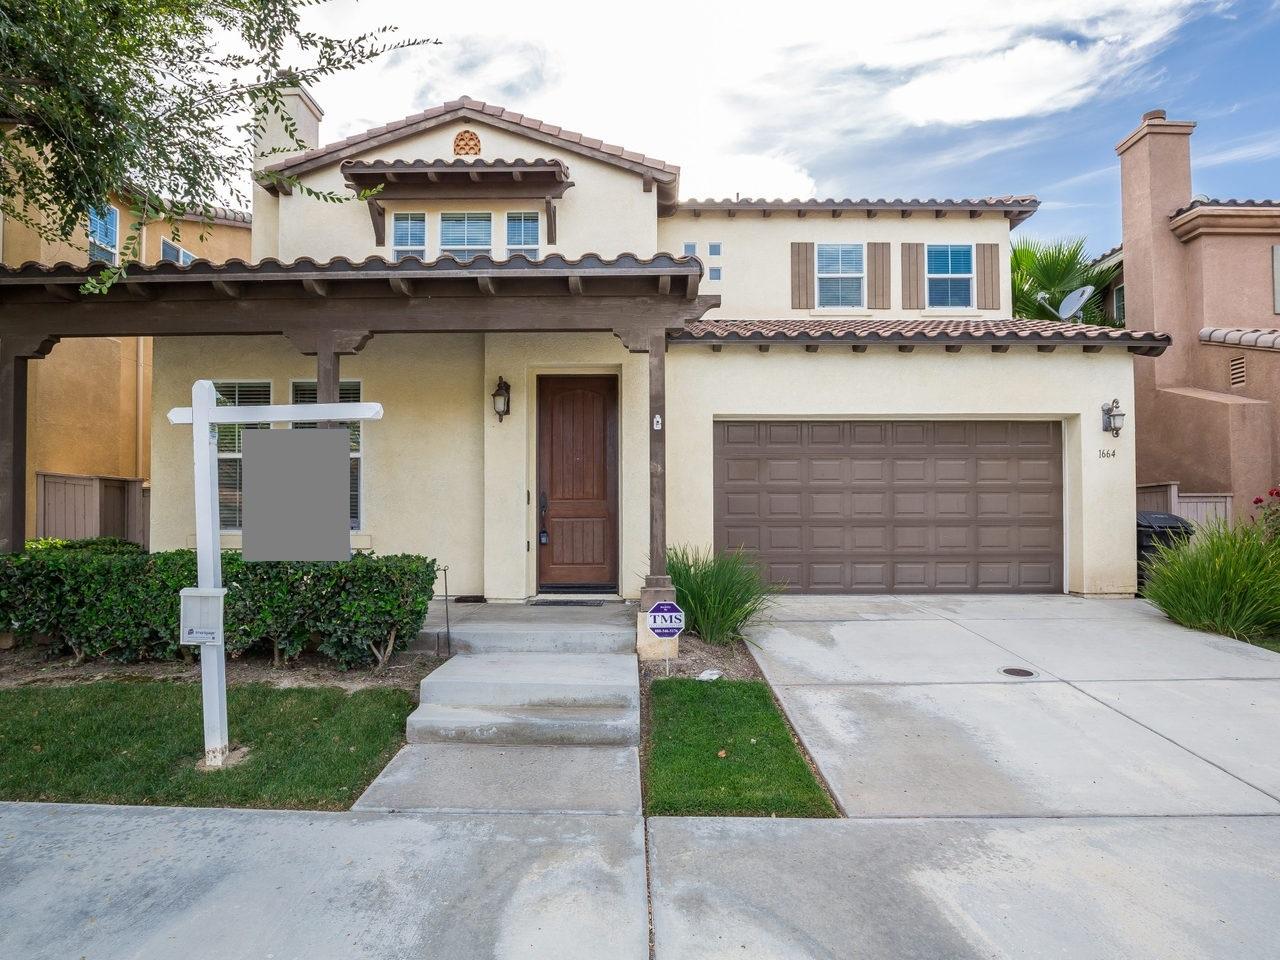 1664 Thompson Ave, Chula Vista, CA